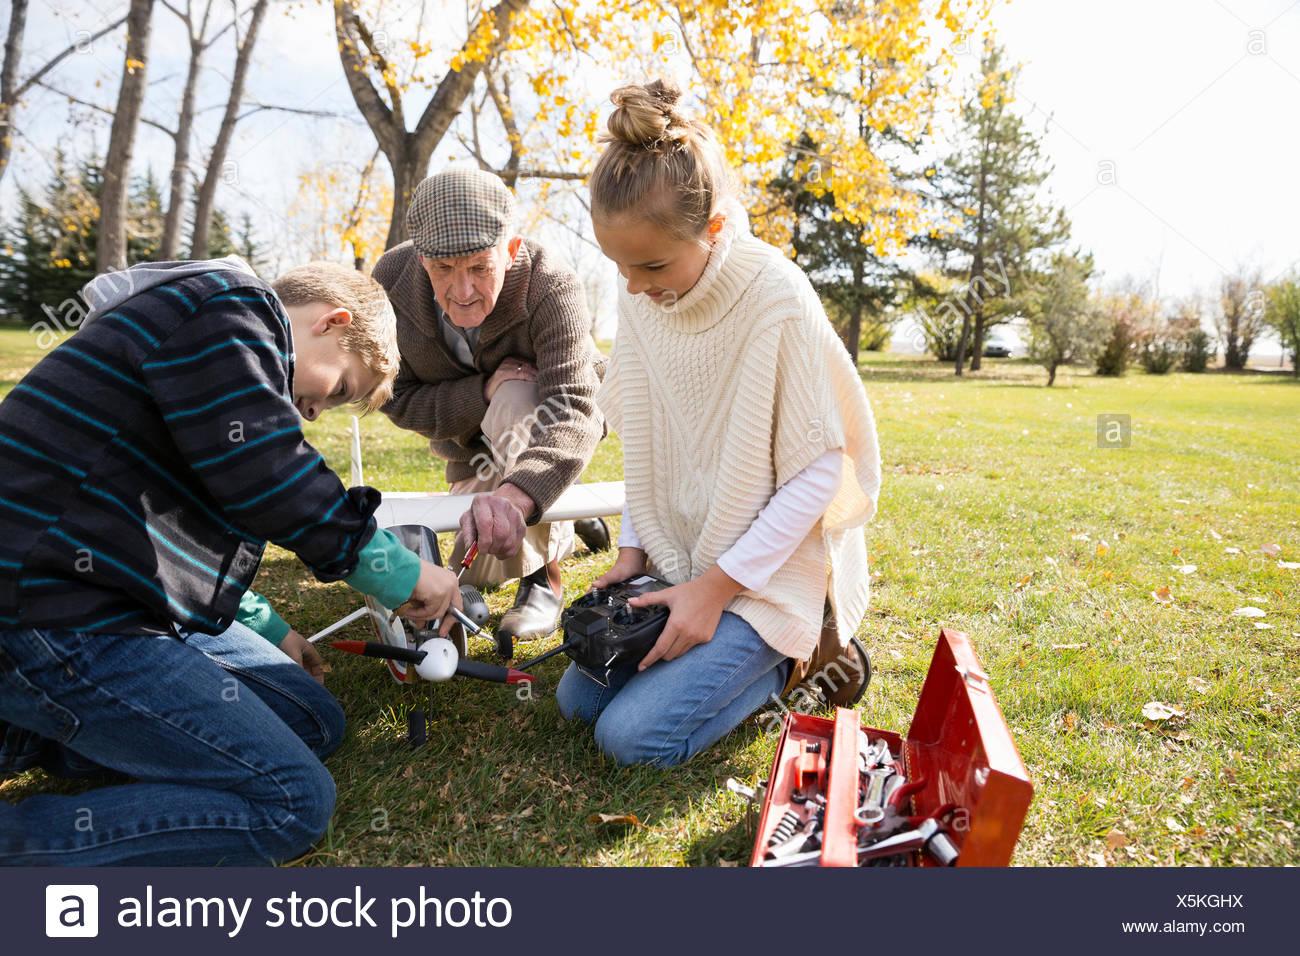 Mi abuelo y sus nietos la fijación de modelo de avión en otoño park Imagen De Stock